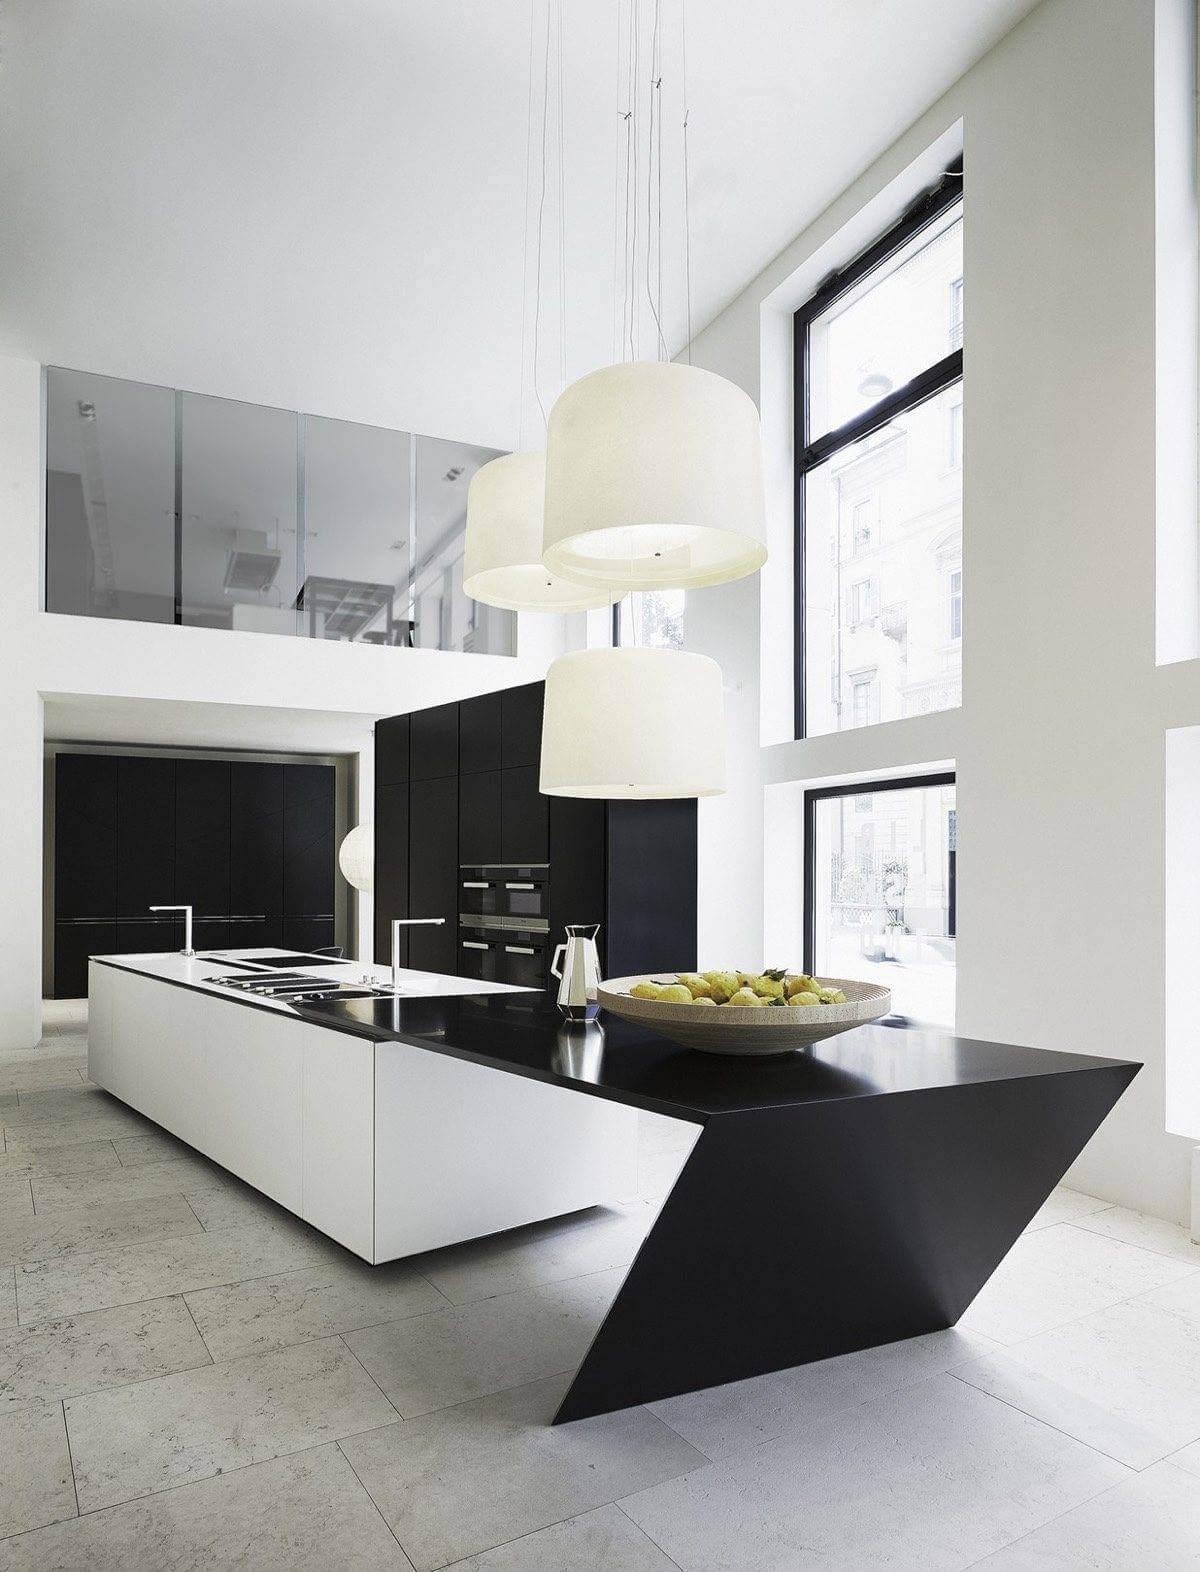 sharp geometric kitchen island MẪU NHÀ BẾP ĐẸP VỚI PHONG CÁCH HIỆN ĐẠI qpdesign